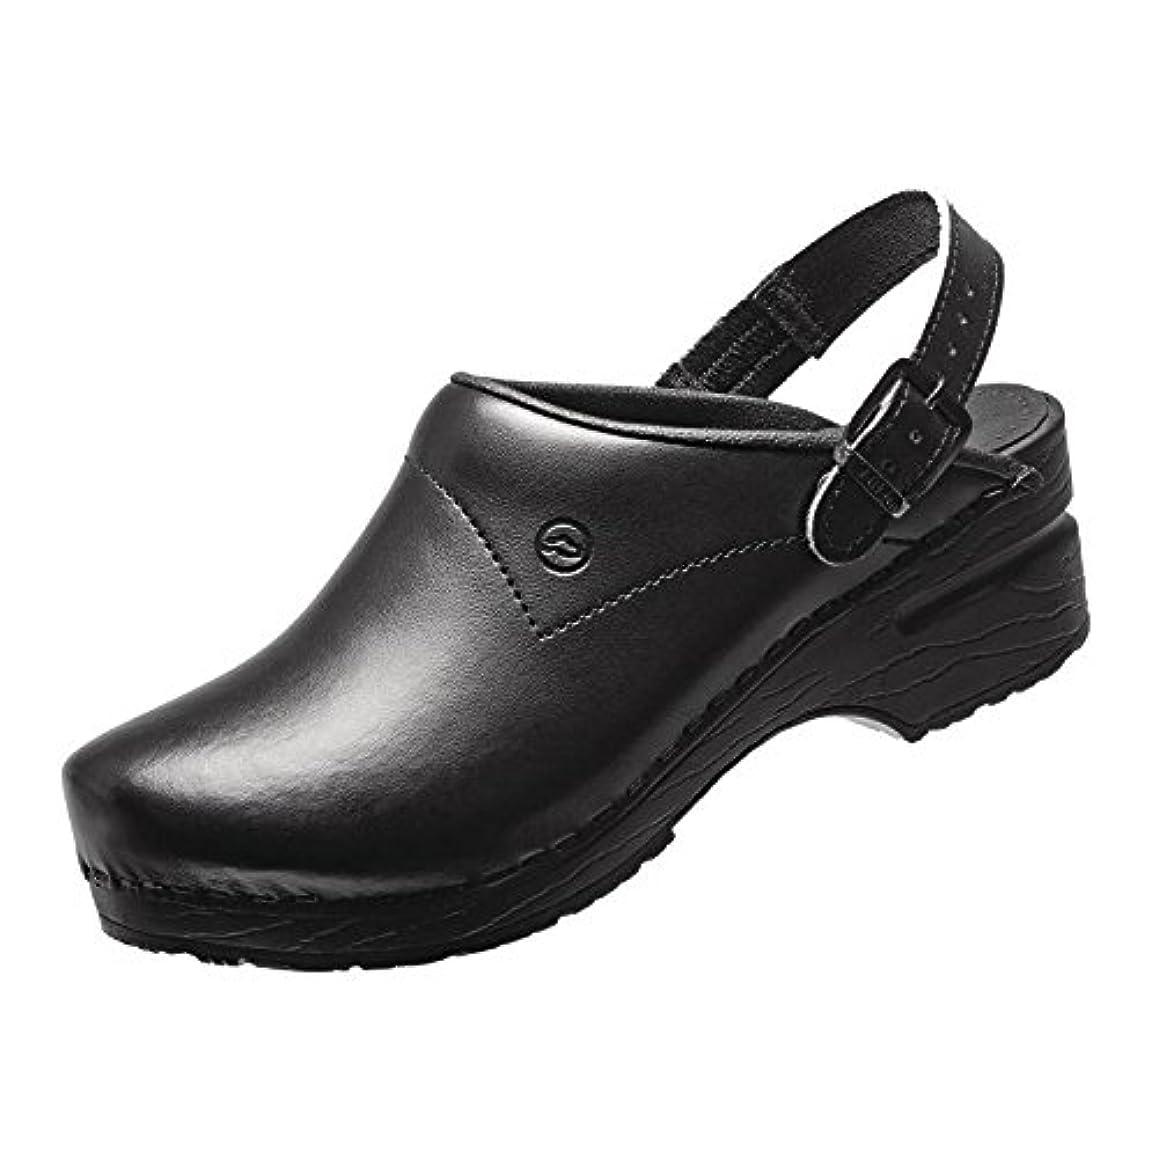 全部ダイエットホバーToffeln Footwear レディース B385-42 US サイズ: 8 UK カラー: ブラック